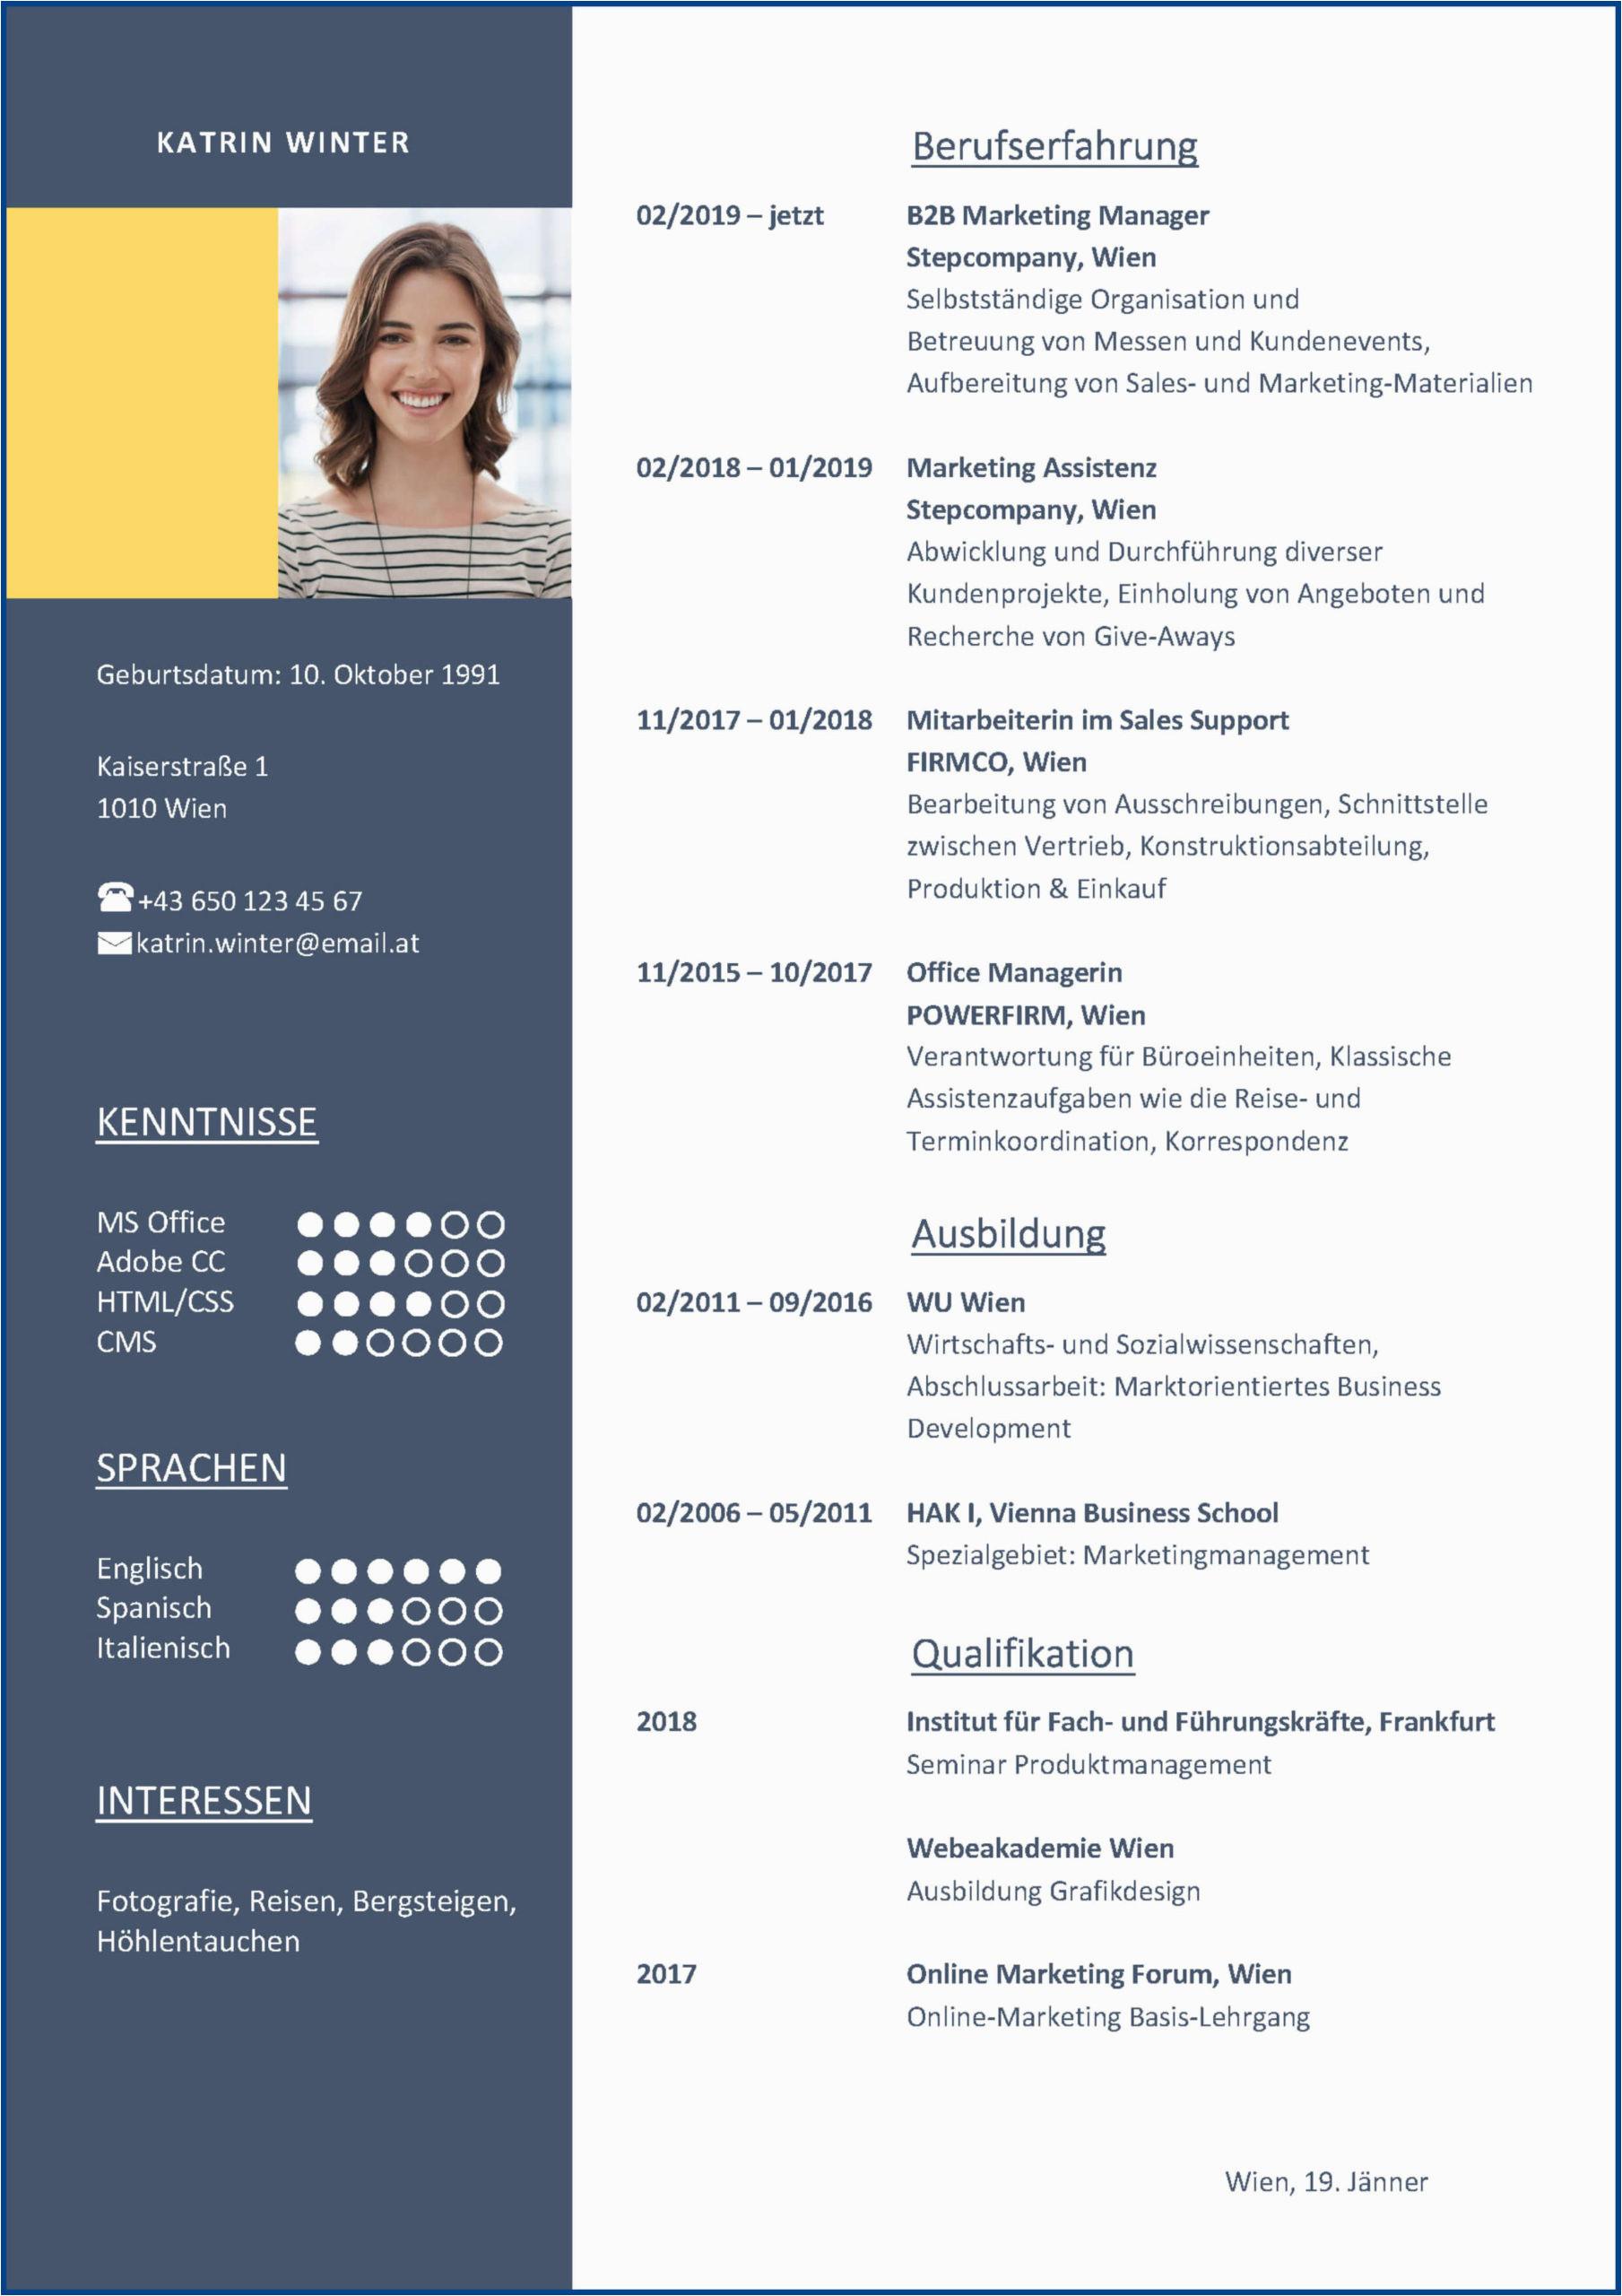 Lebenslauf Design Marketing Der Perfekte Lebenslauf Aufbau Tipps Und Vorlagen